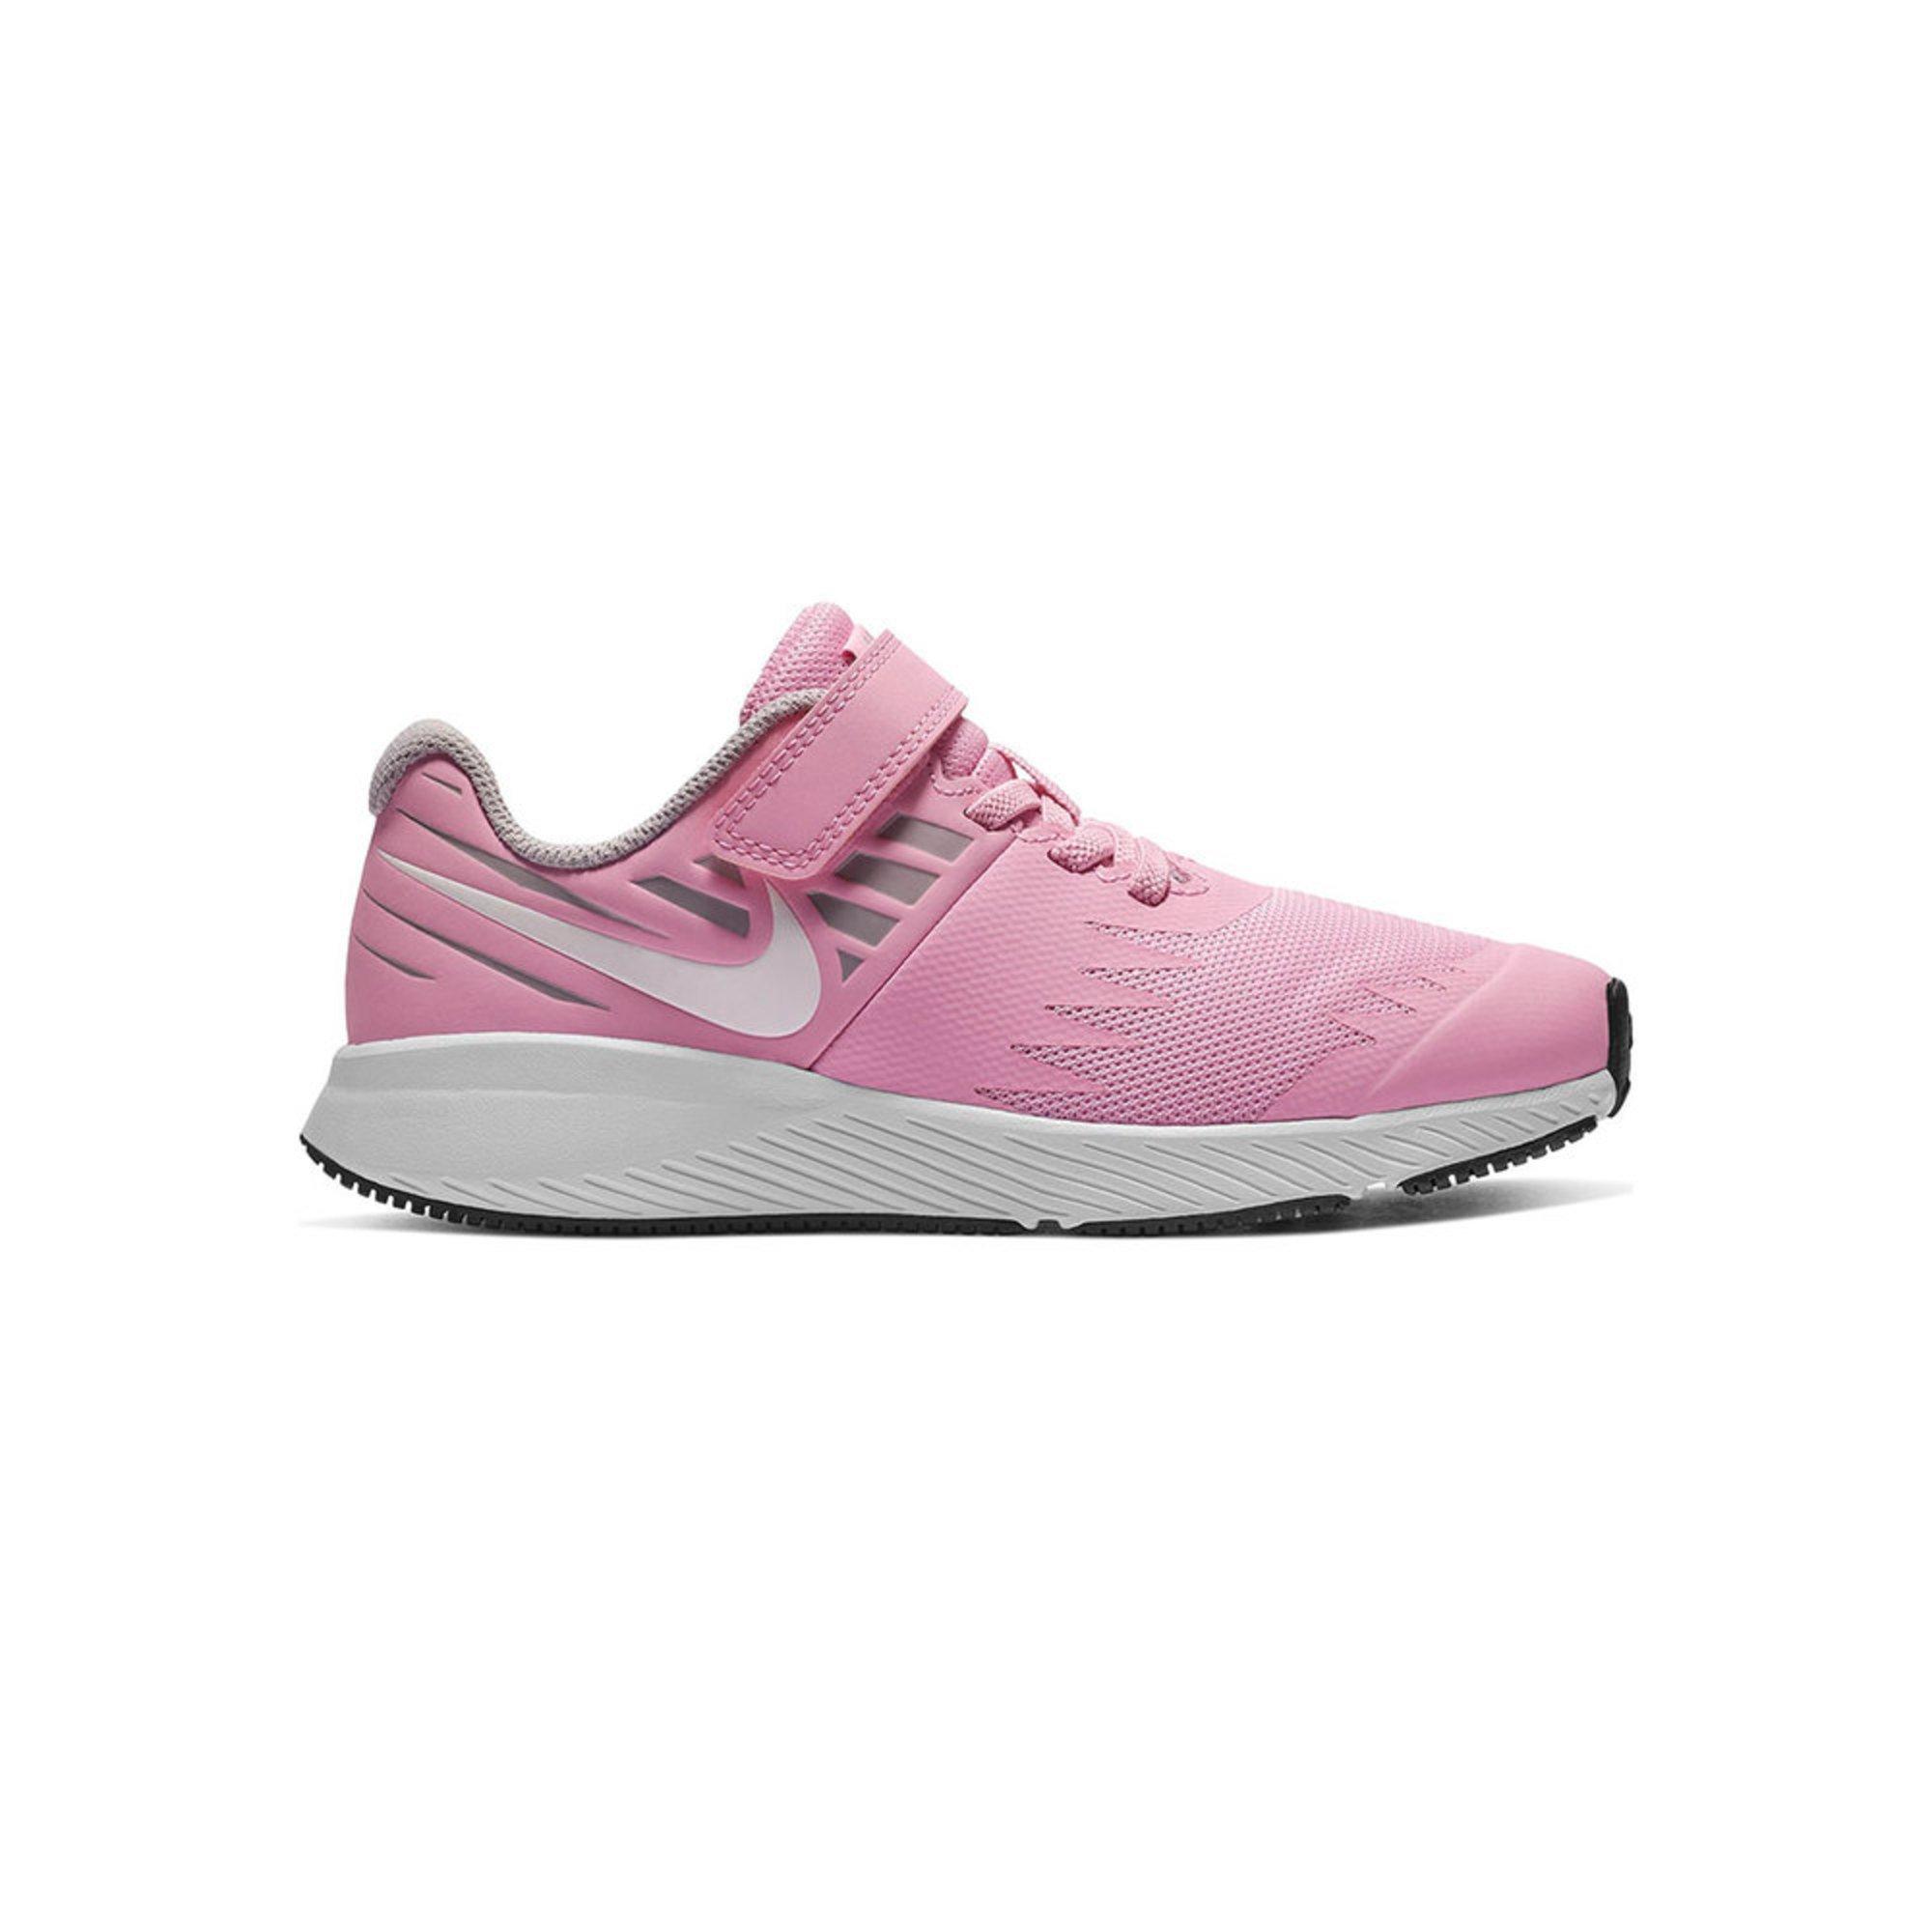 1799fbb839 Nike Girls Star Runner Running Shoe (little Kid) | Little Kid Shoes ...